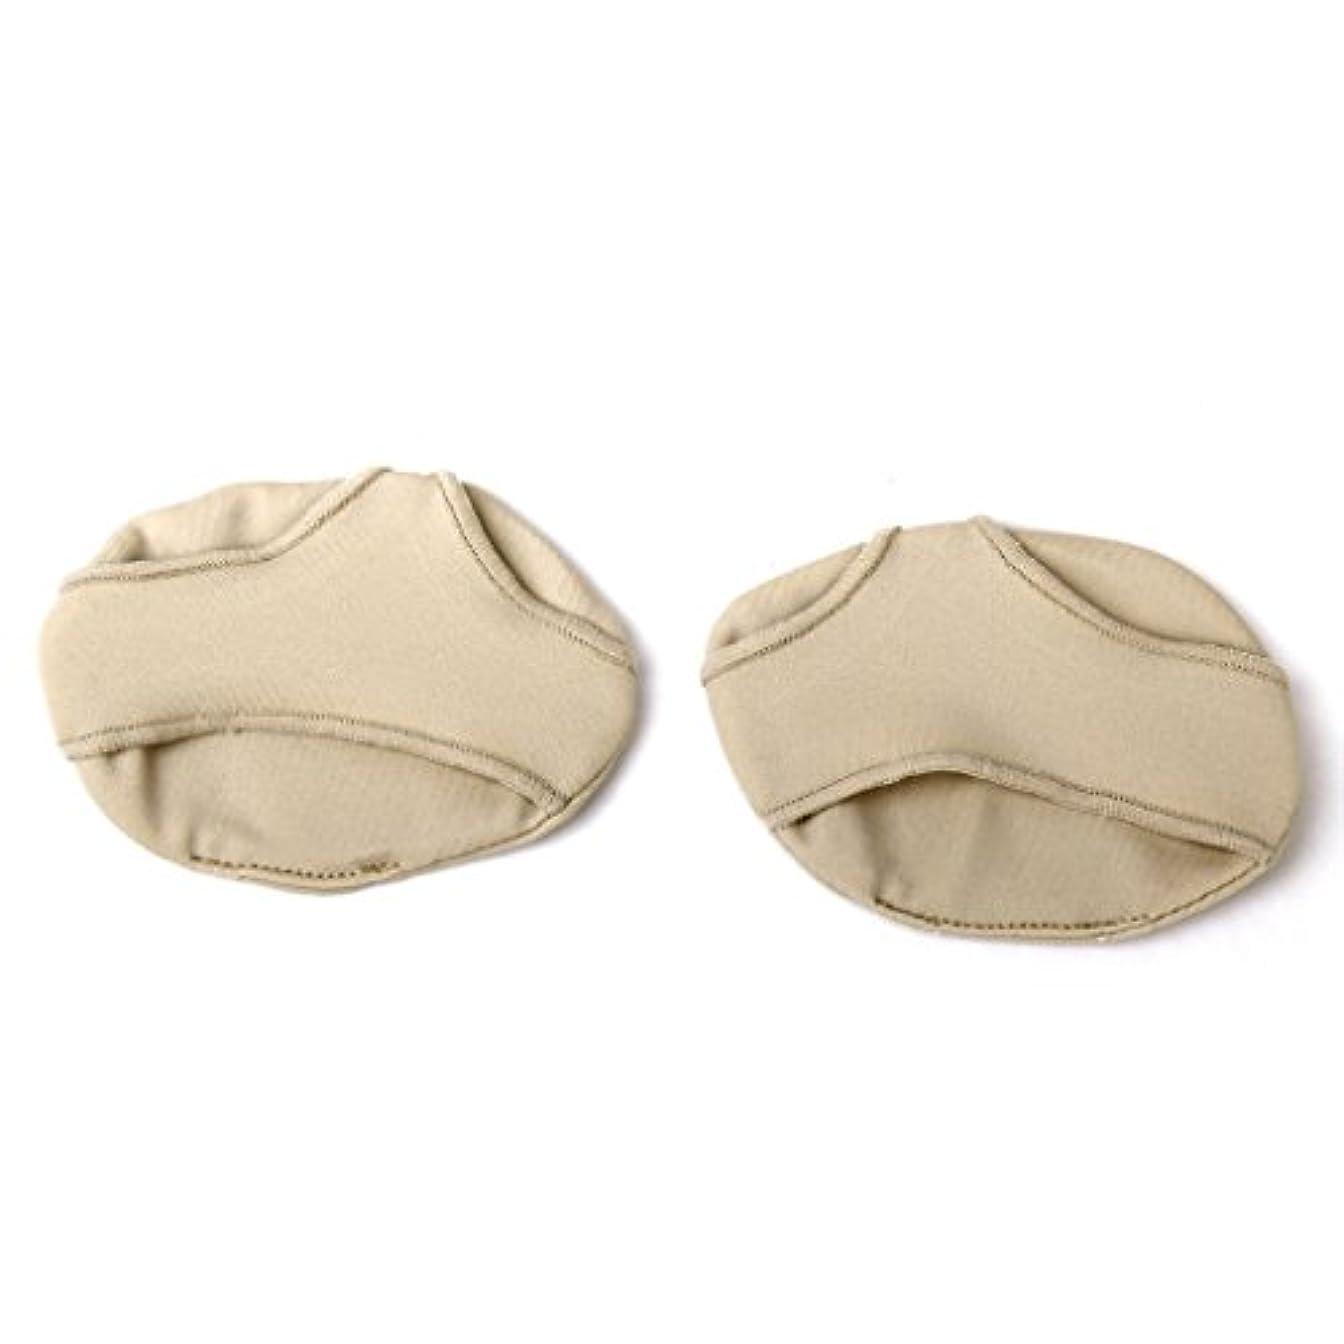 認可悪質な徹底的にGaoominy ペアの低中足パッド クッションブランケット 前足の痛みを和らげるためのストラップ付きインソール Y形